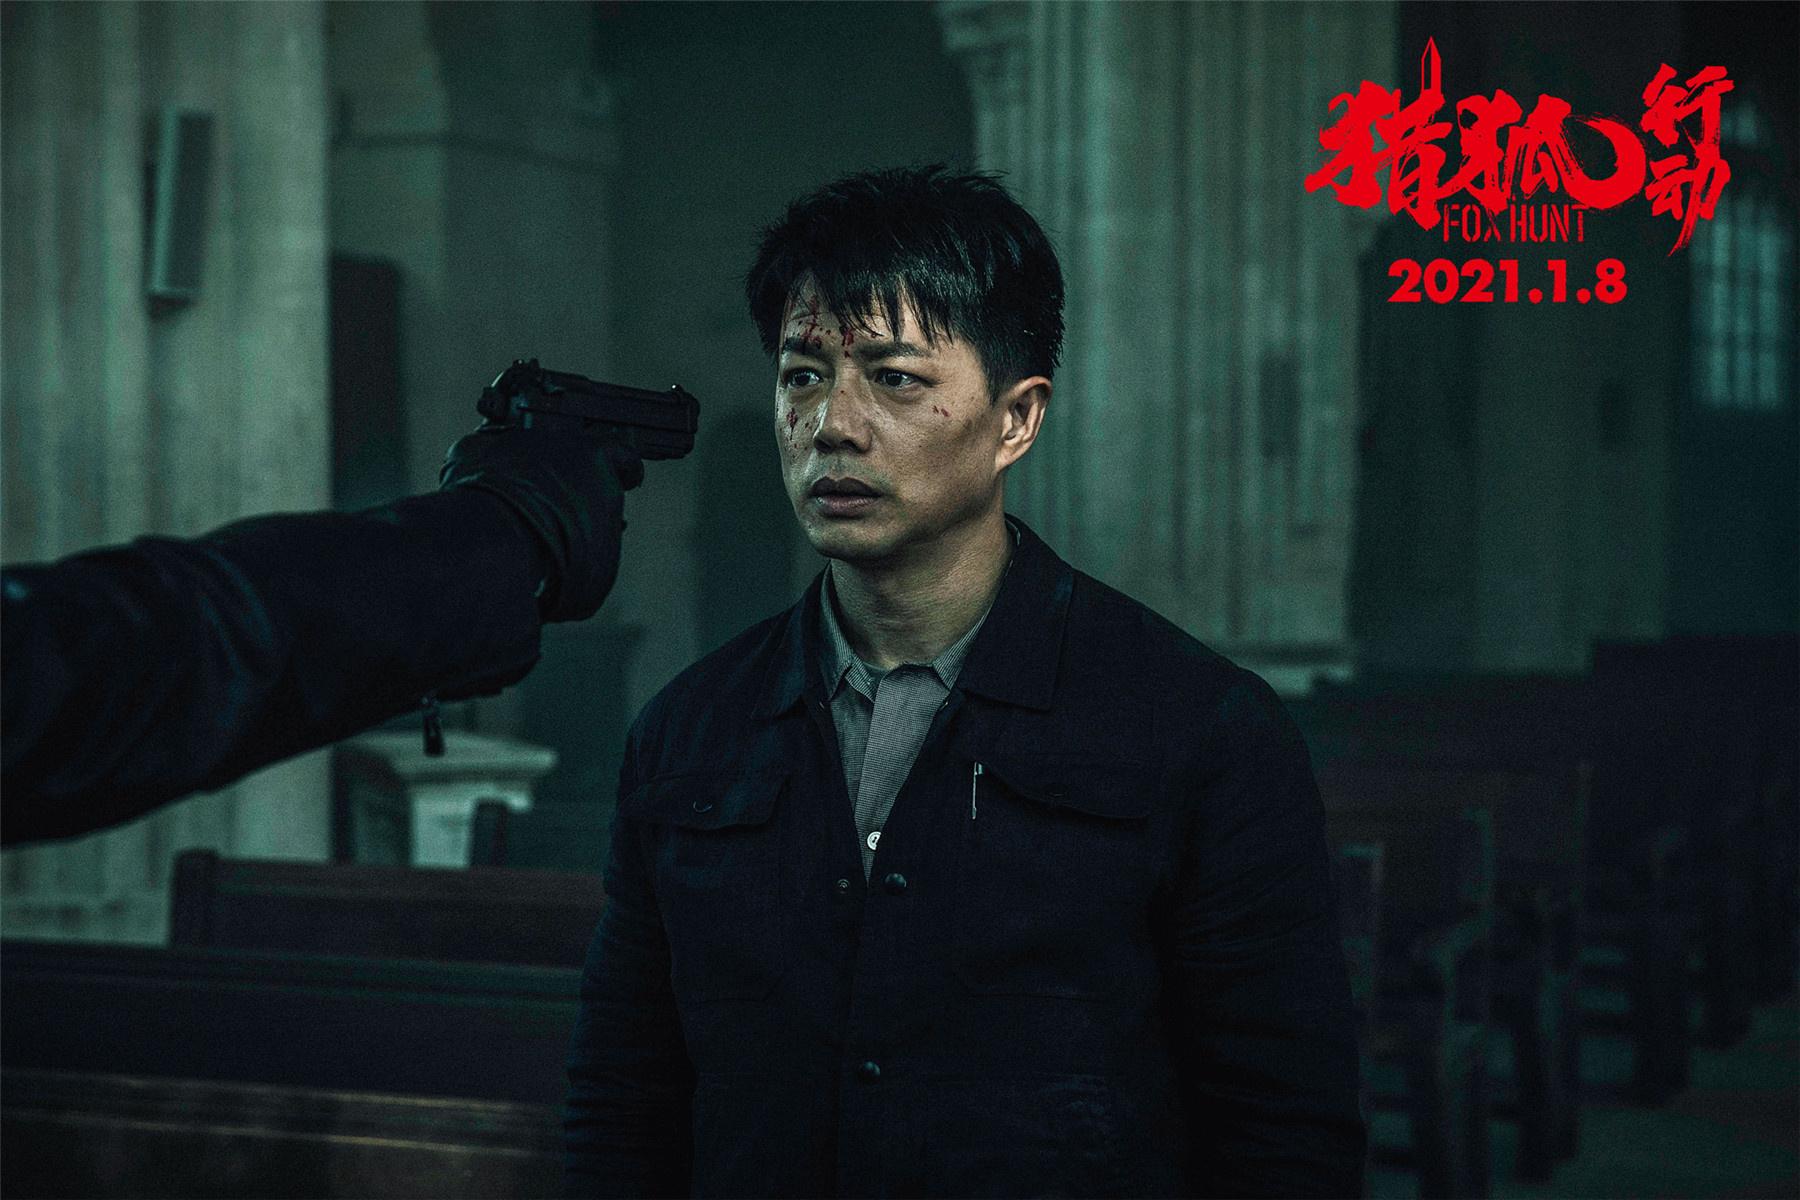 《猎狐行动》定档2021.1.8 梁朝伟段奕宏正面僵持 第2张